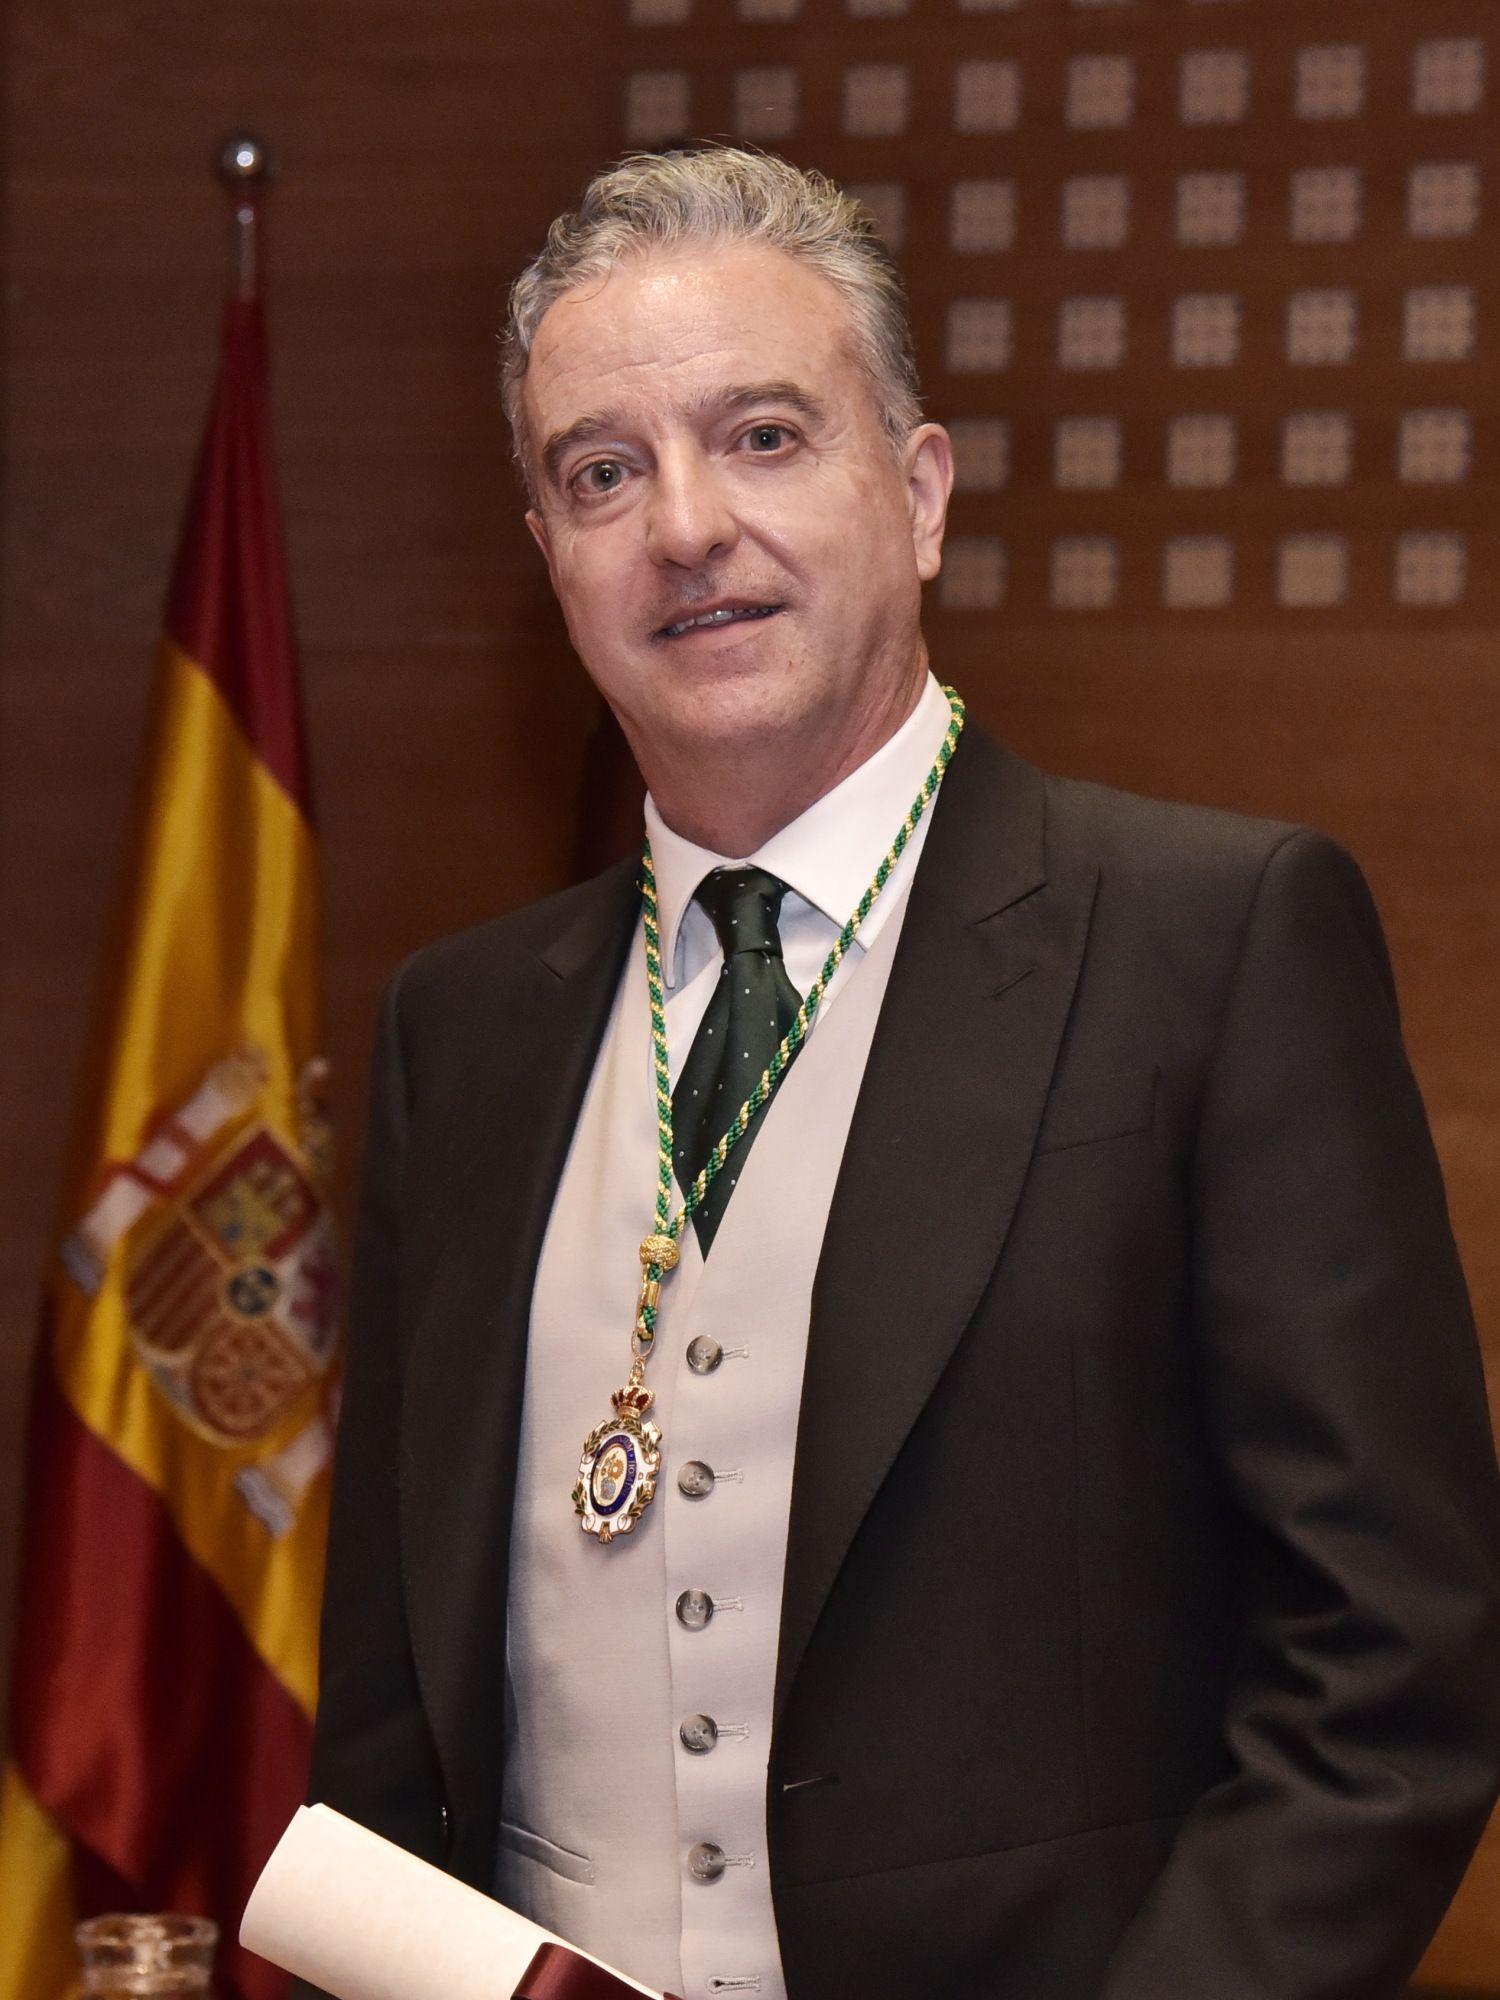 Foto de Javier Ventura-Traveset, nuevo académico de la Real Academia